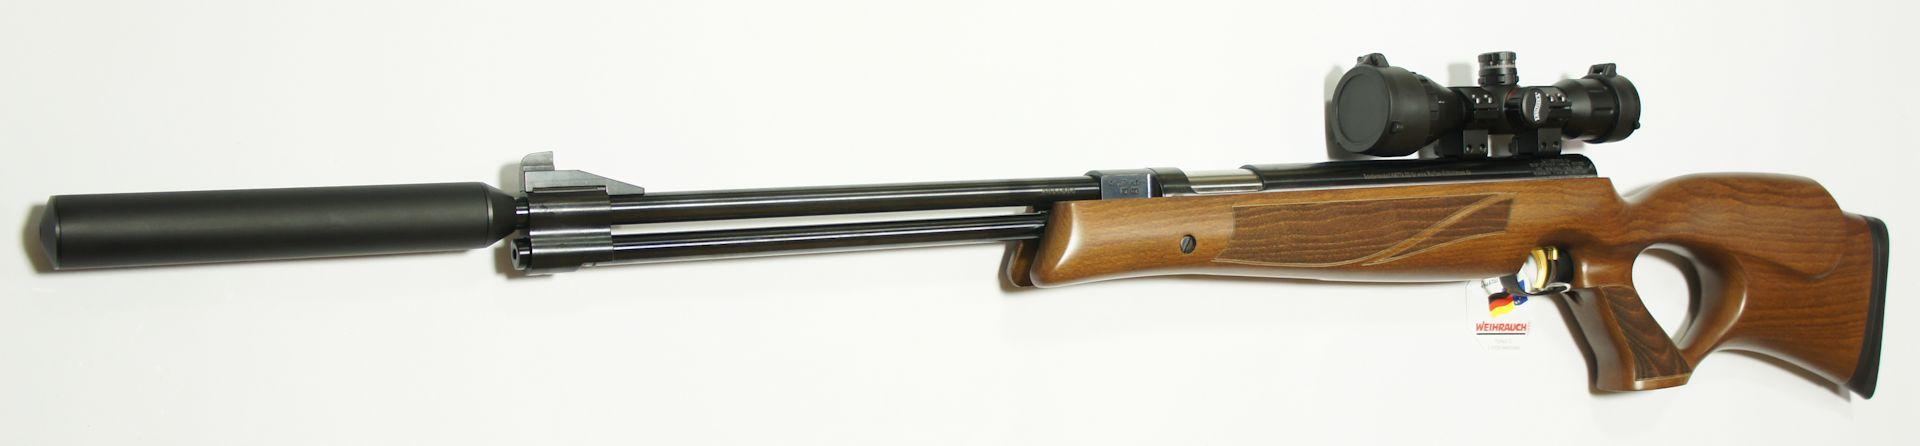 Luftgewehr Weihrauch HW 77 verstellbarer Lochschaft  mit Zielfernrohr, Laufgewinde und Schalldämpfer